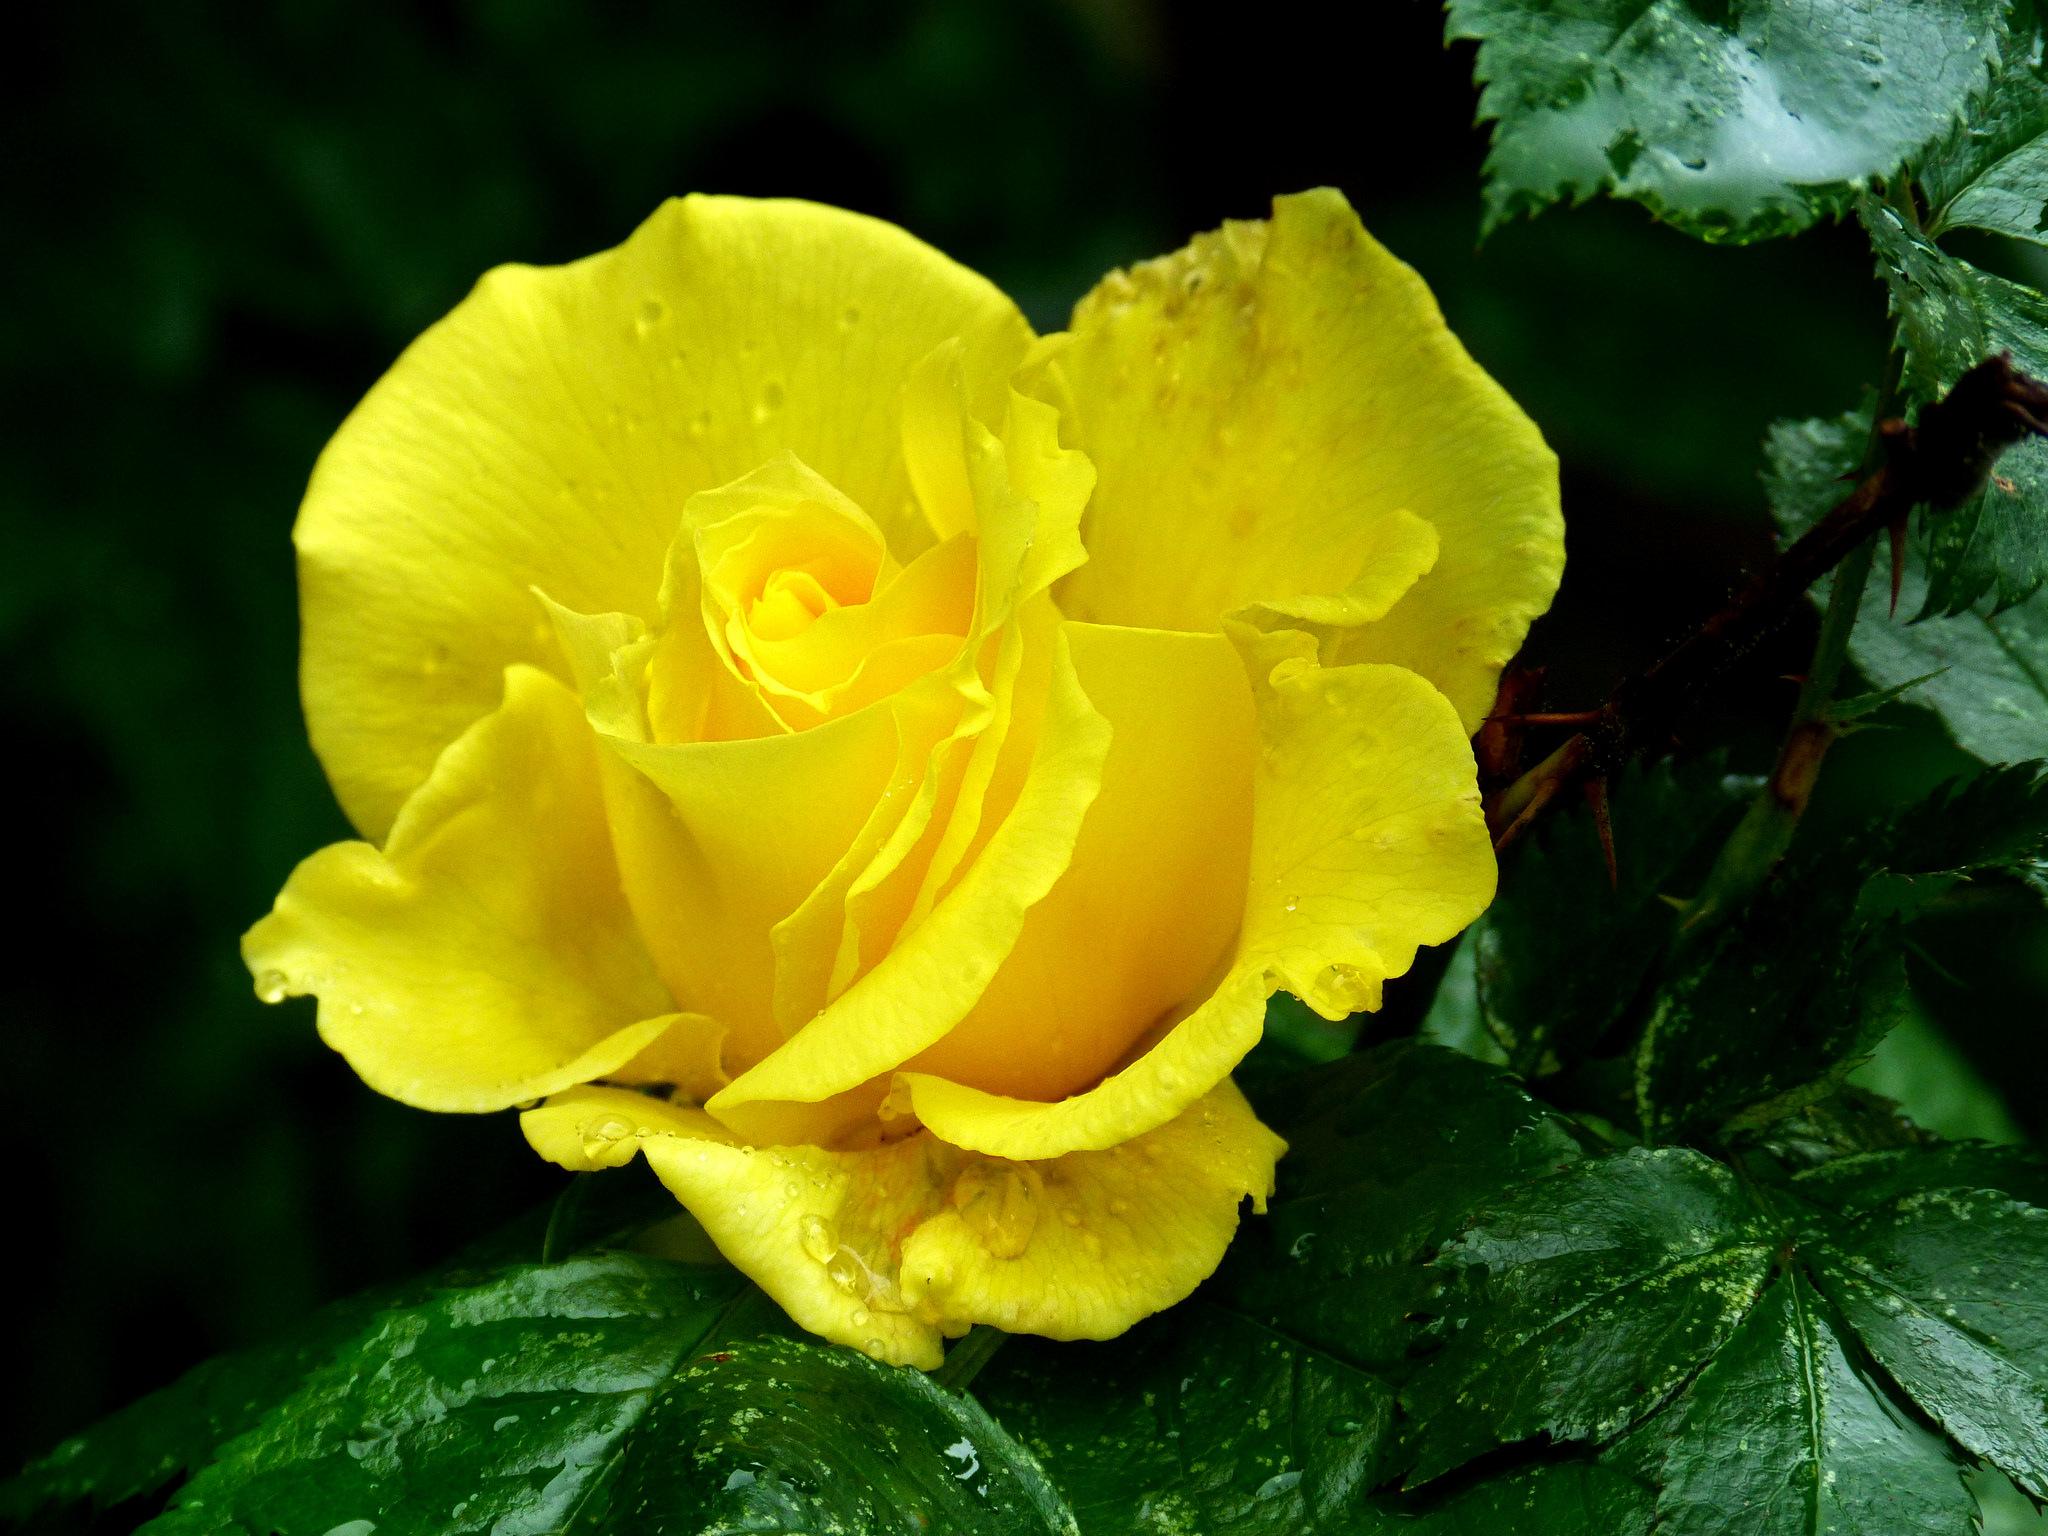 желтые розы фотографии стоил дороже